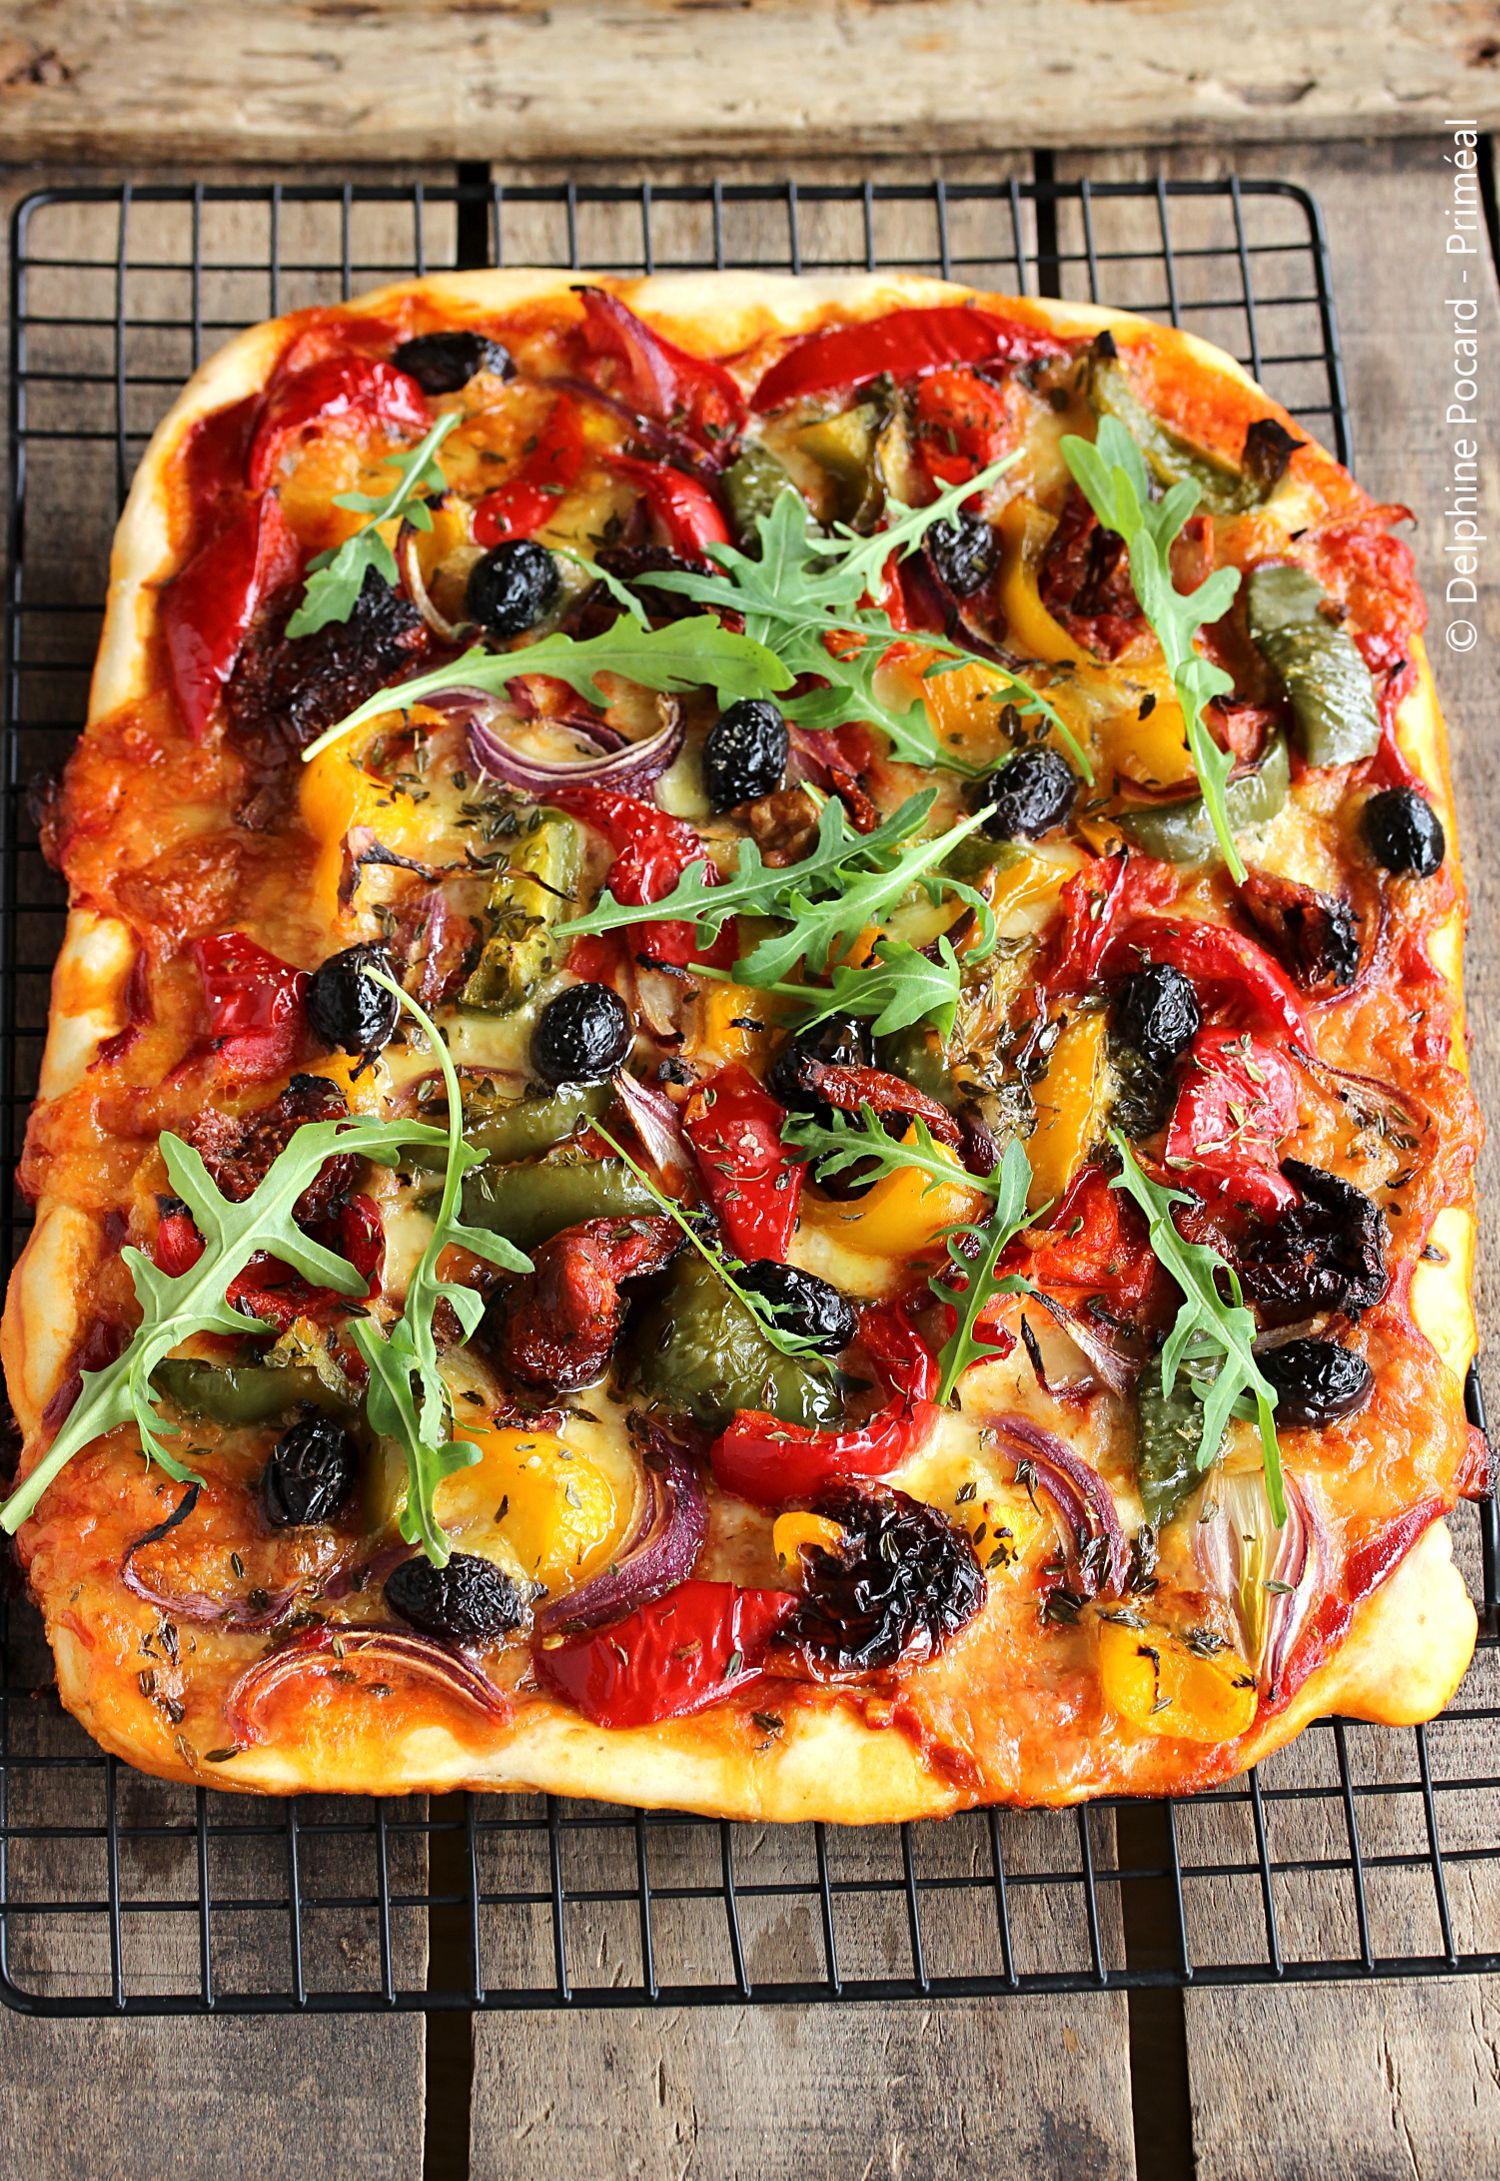 Recette végétarienne - Pizza veggie aux poivrons - Primeal ...